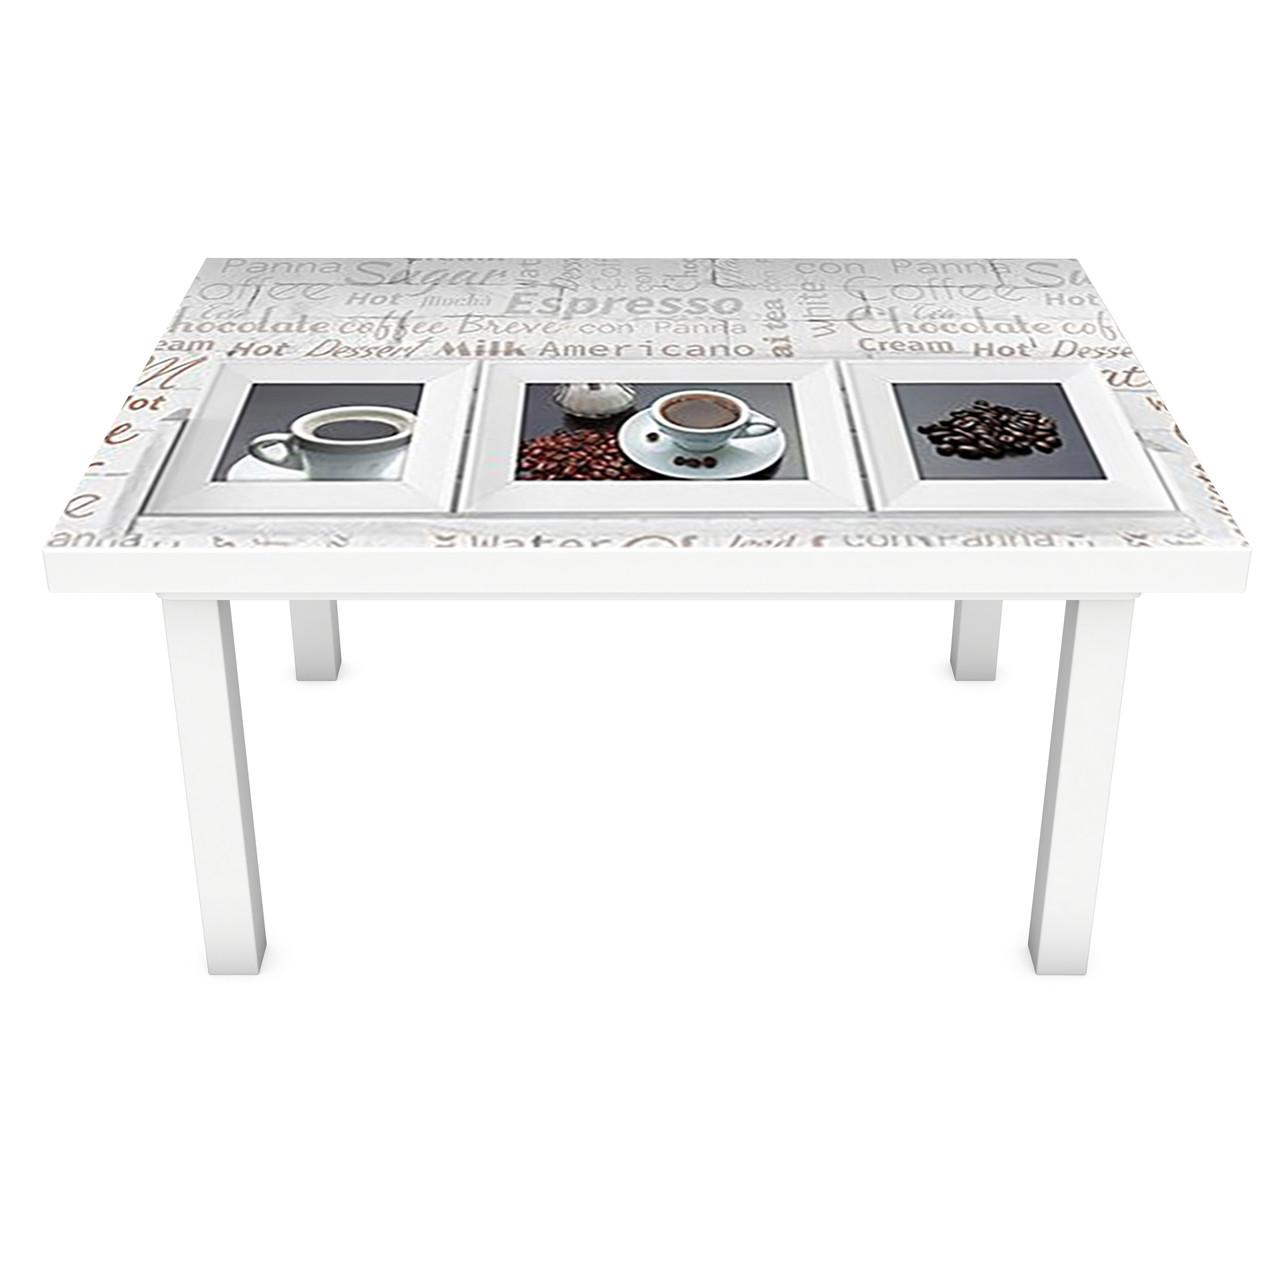 Наклейка на стол Картины Кофе (3Д виниловая пленка ПВХ) текст надписи Напитки Бежевый 600*1200 мм